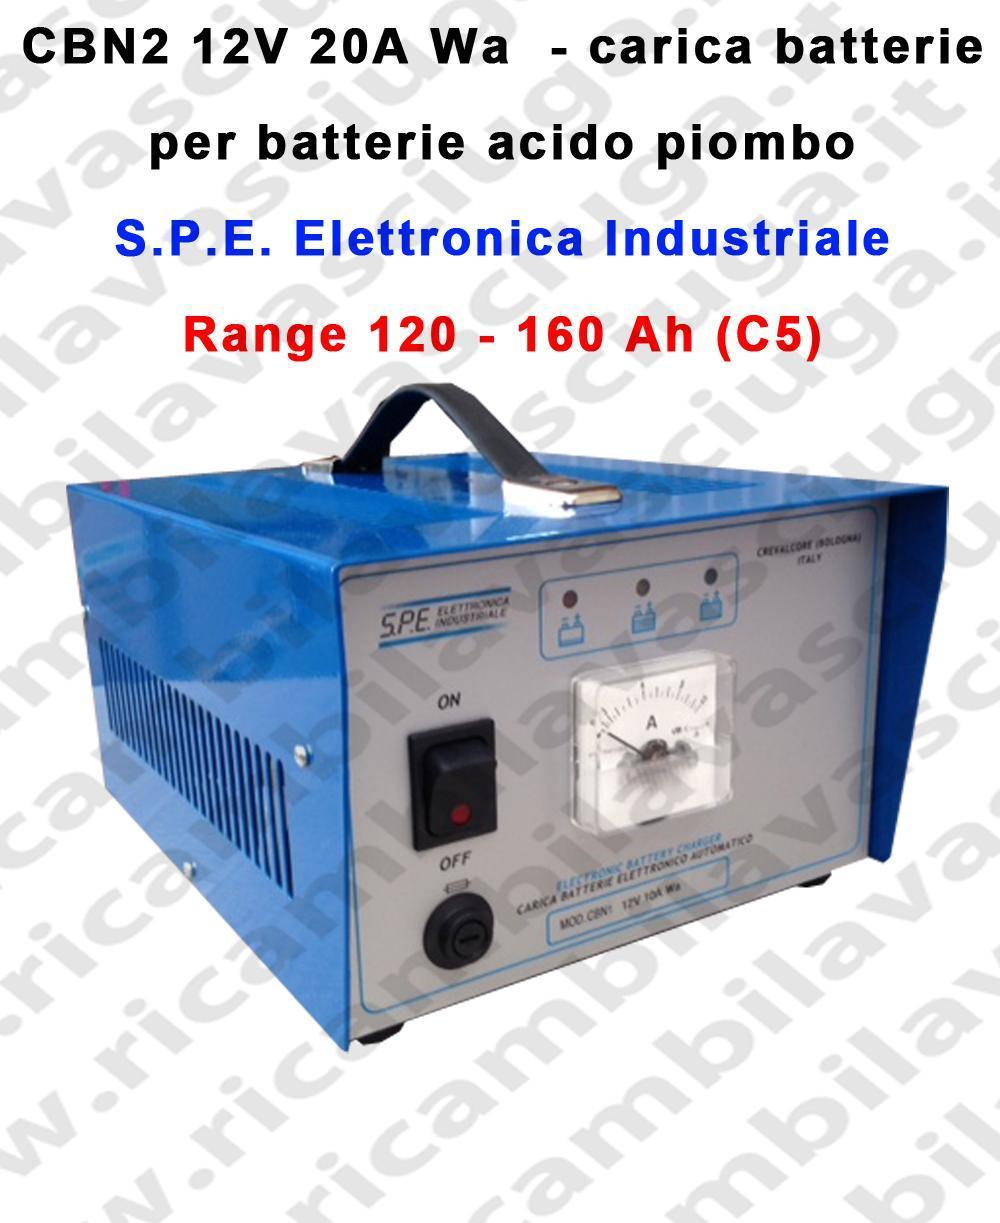 CBN2 12V 20A Wa carica batterie para batterie acido piombo S.P.E. Elettronica Industriale